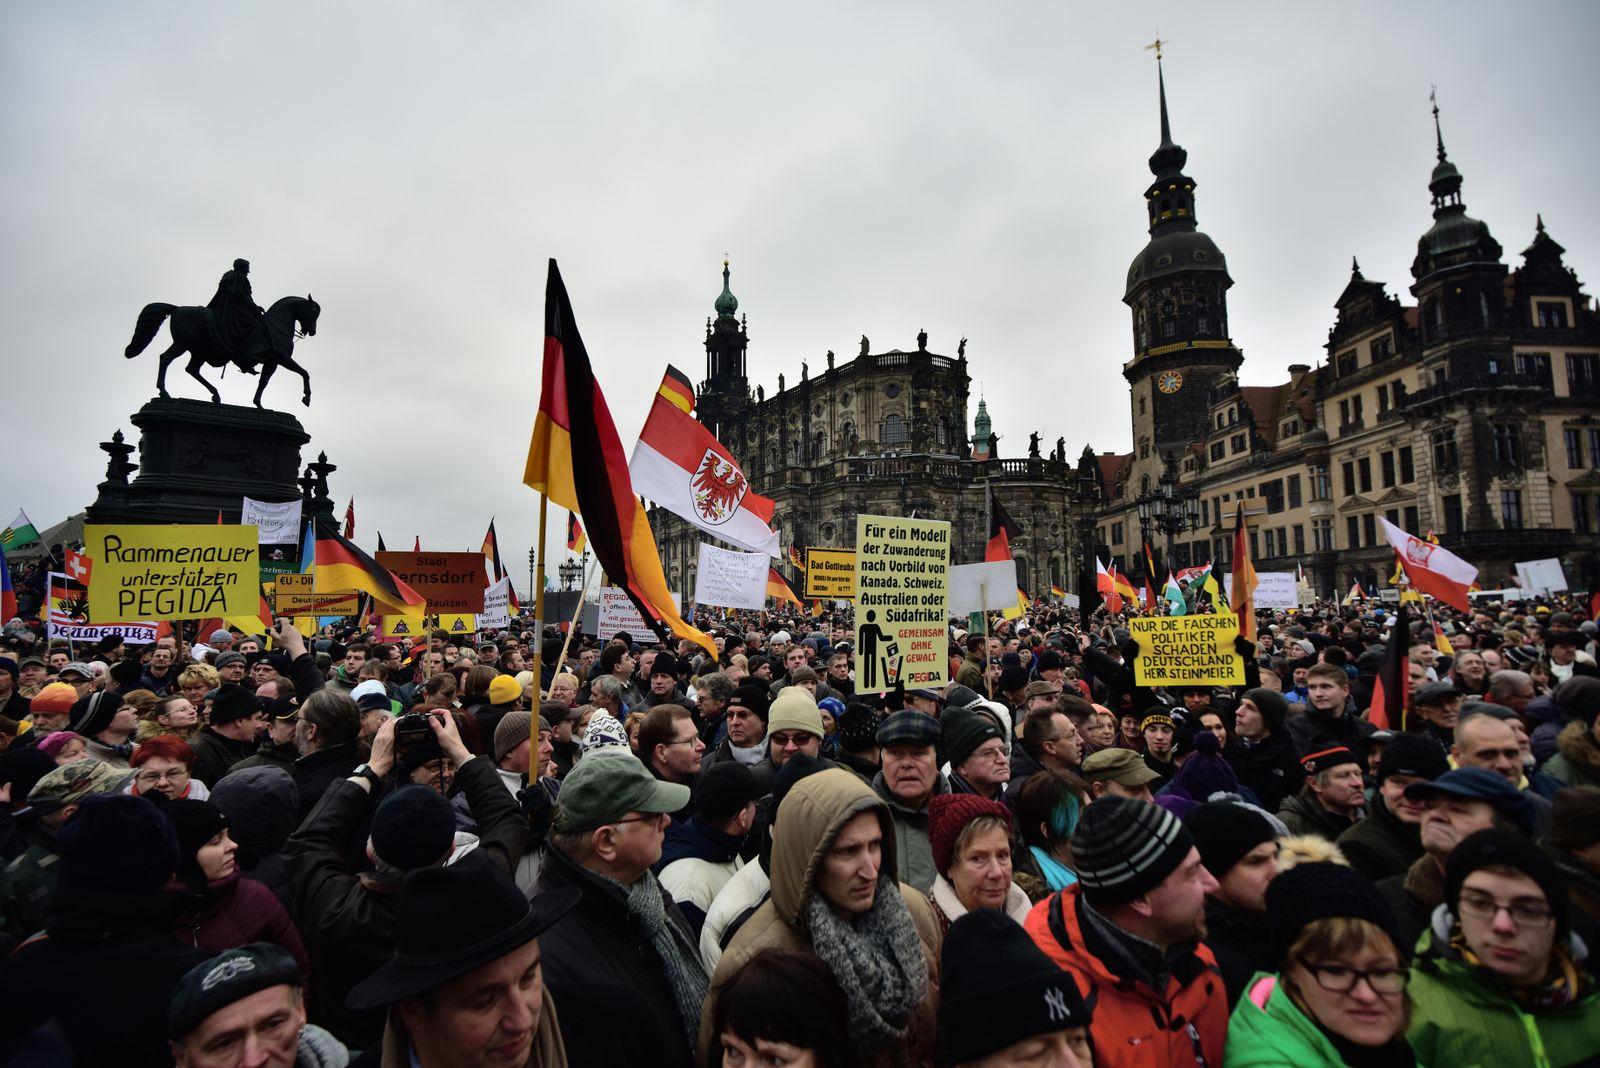 Pegida / Dresden